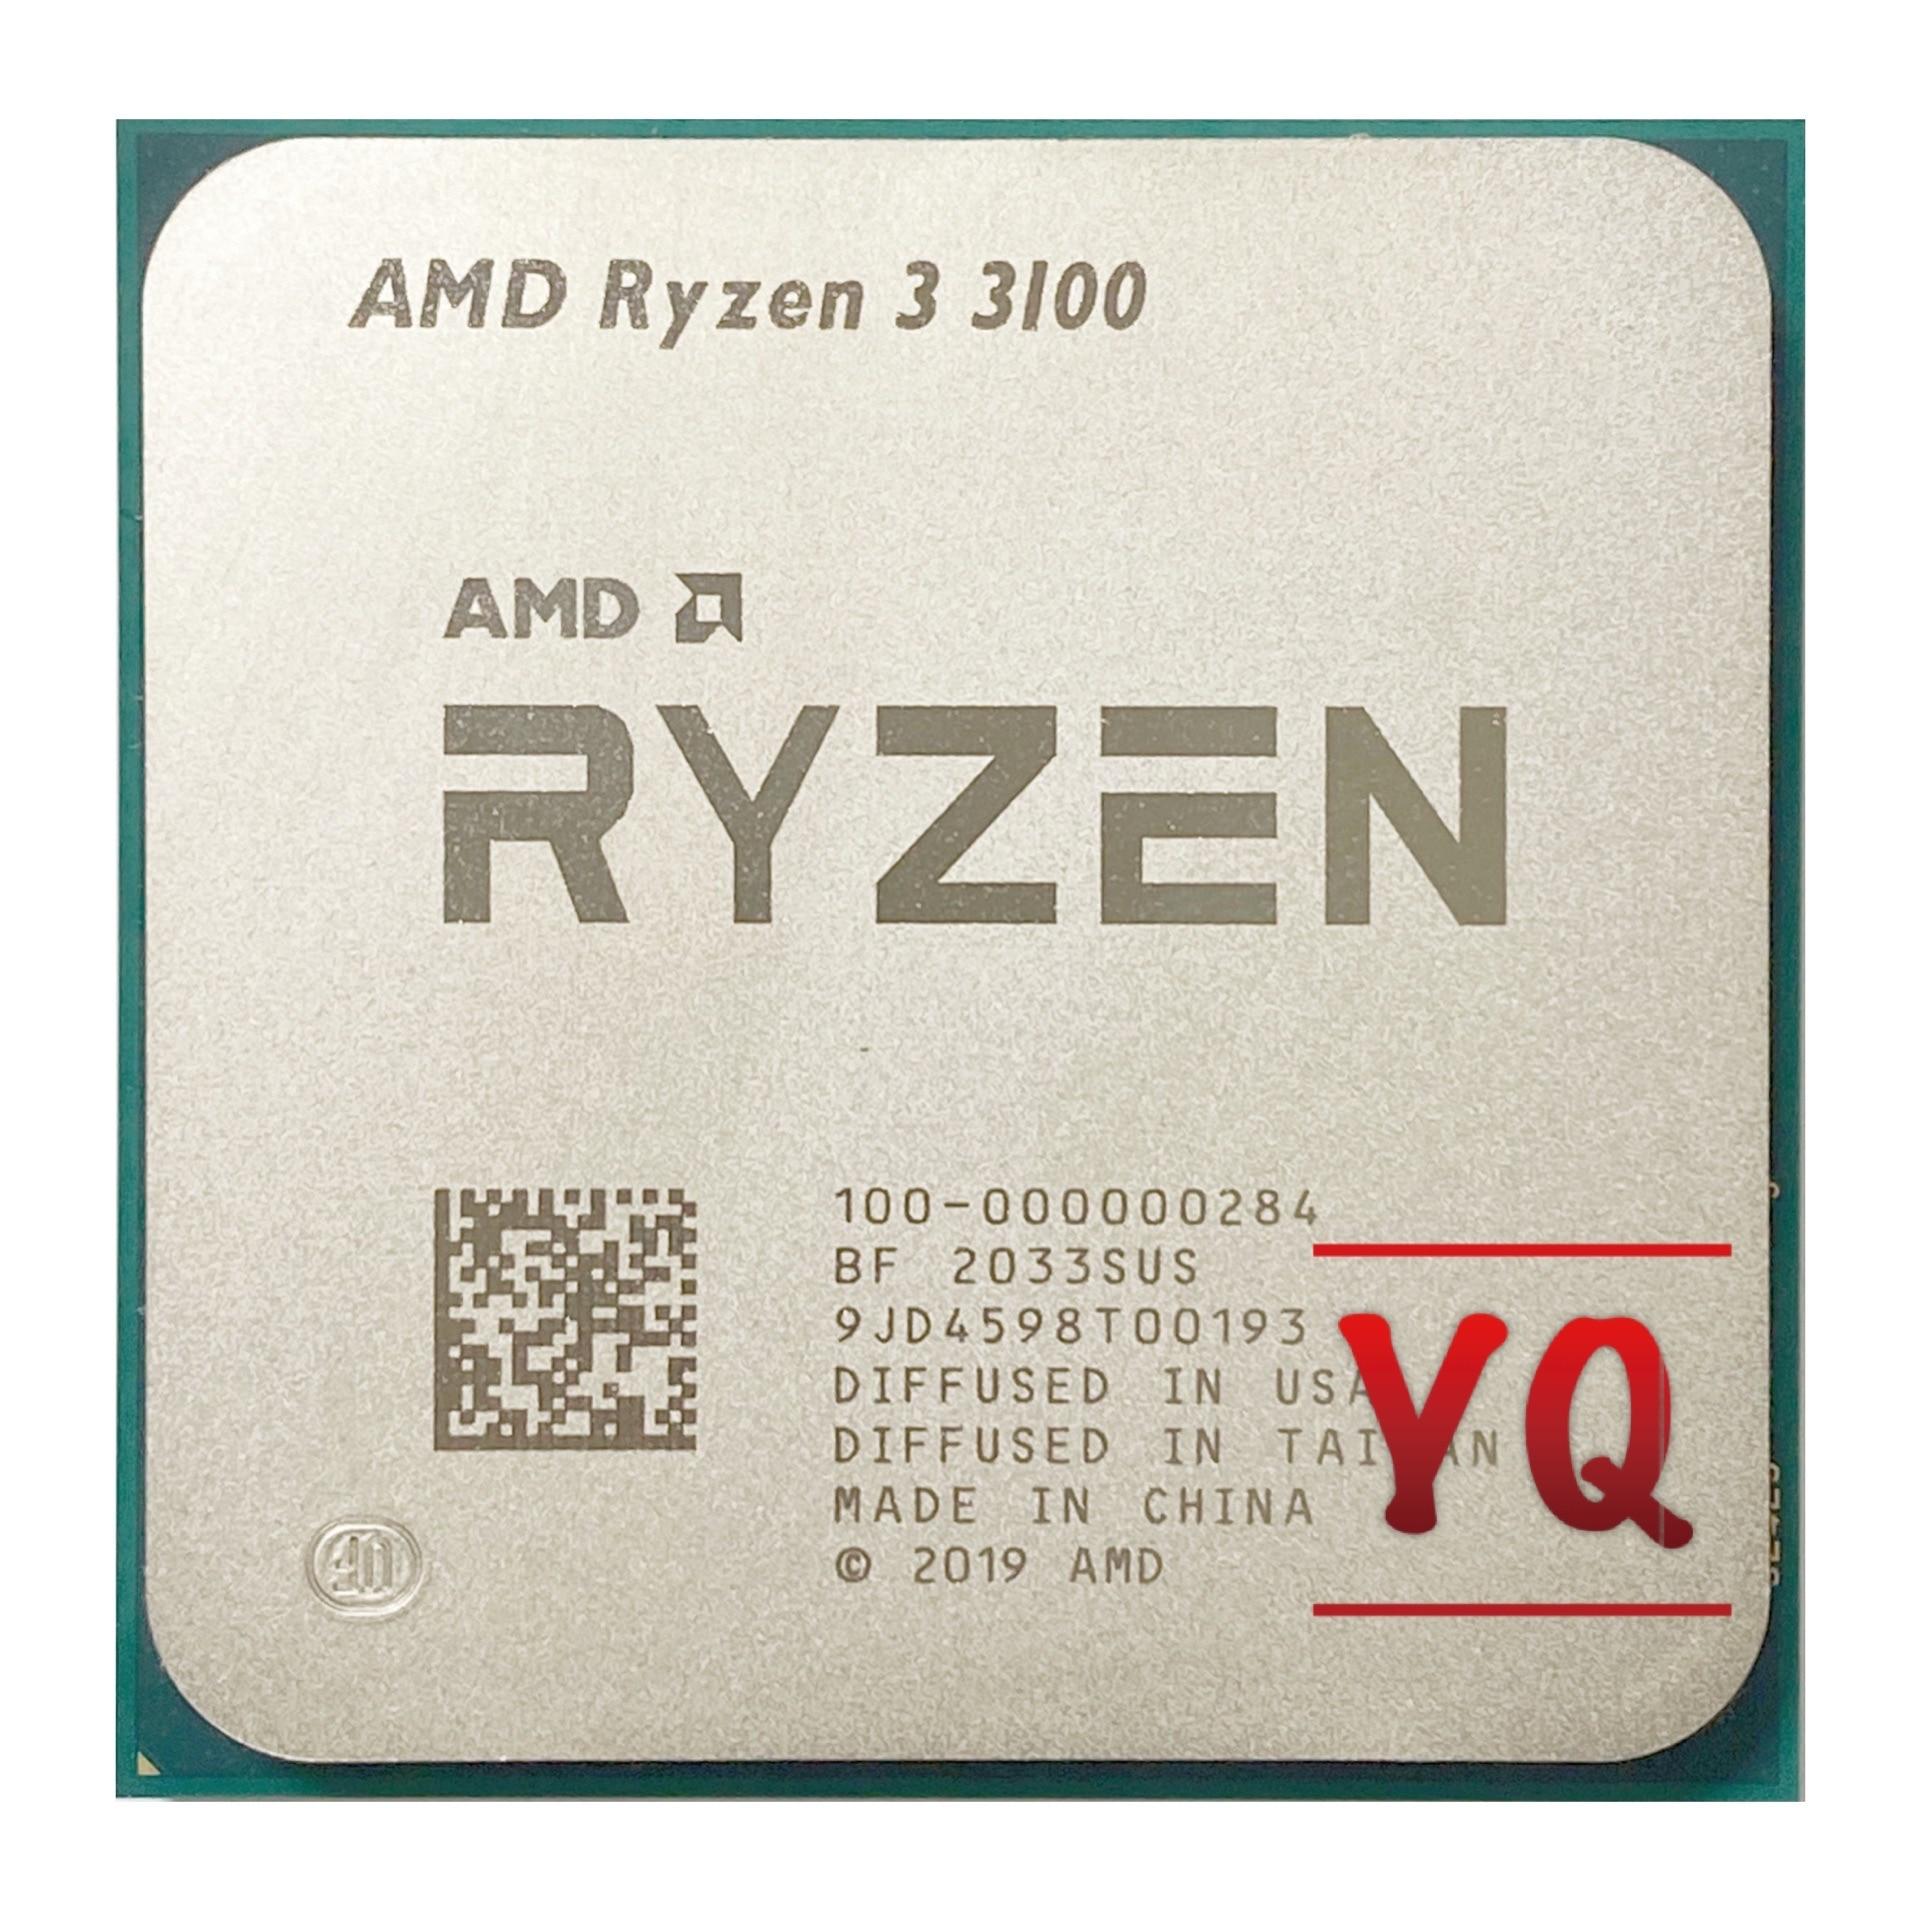 [해외] AMD Ryzen 3 3100 R3 3100 3.6 GHz 쿼드 코어 8 스레드 65W CPU 프로세서 L3 = 16M 100-000000184 소켓 AM4, 라이젠 중고 씨피유